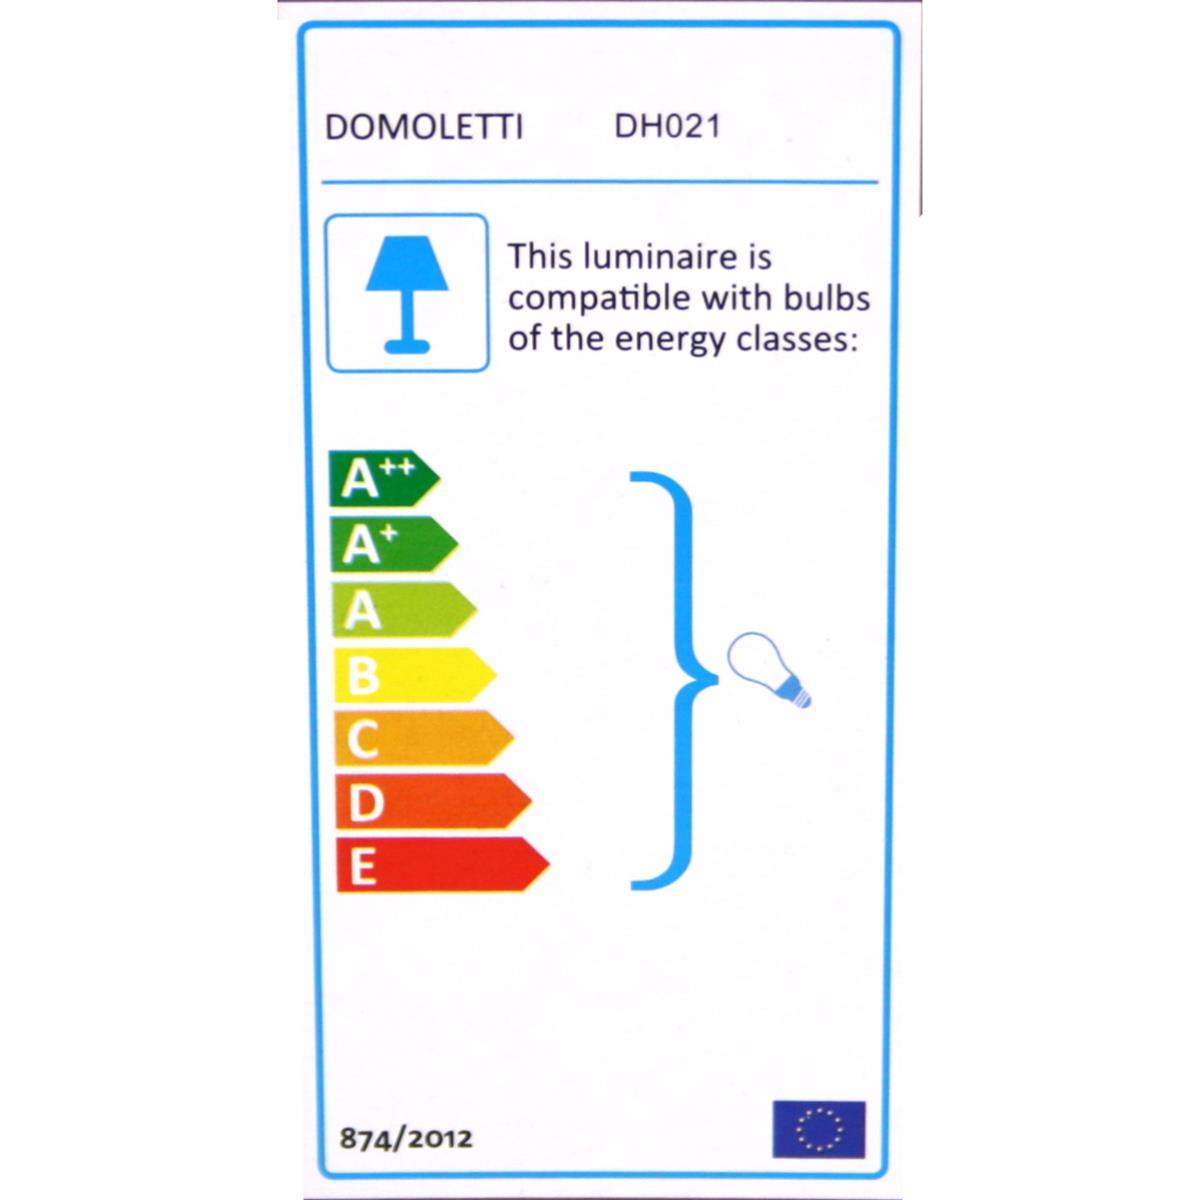 2x Außenleuchte Wandleuchte Wandlampe Flurlampe Badleuchte Beleuchtung Wohnraum ,Domoletti,DH021, 0676424770951